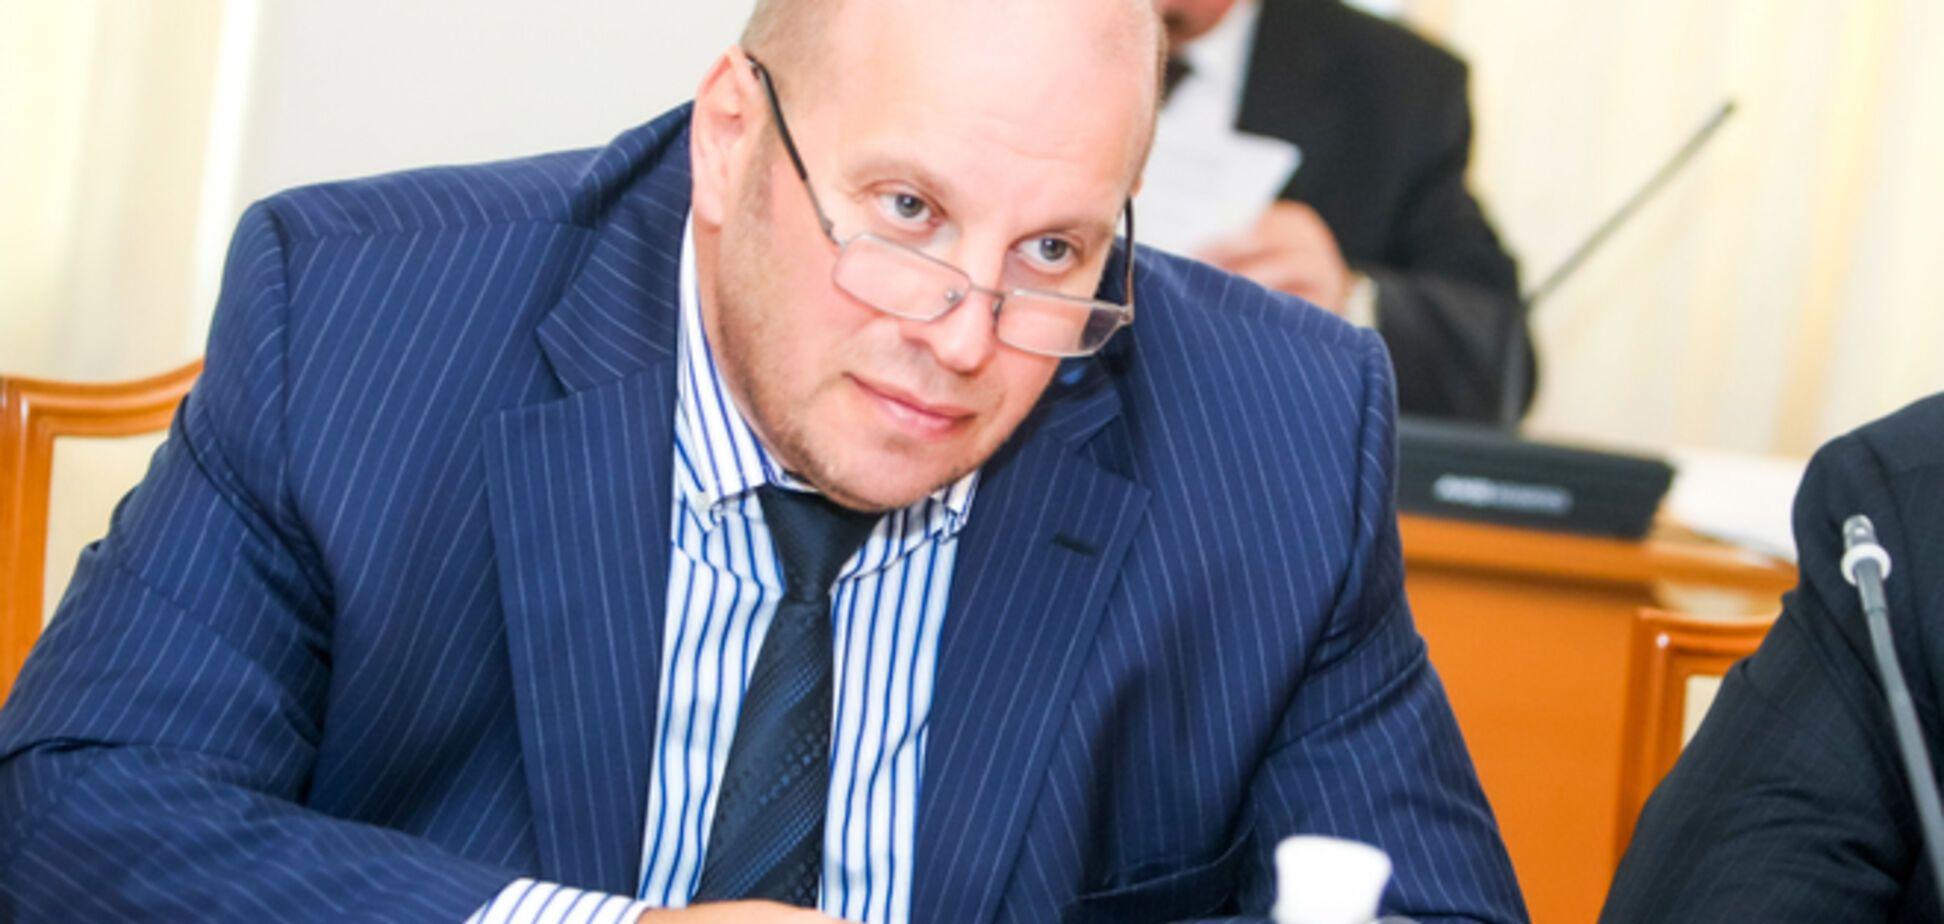 Бродский обвинил власть и Юрушева в коррупции